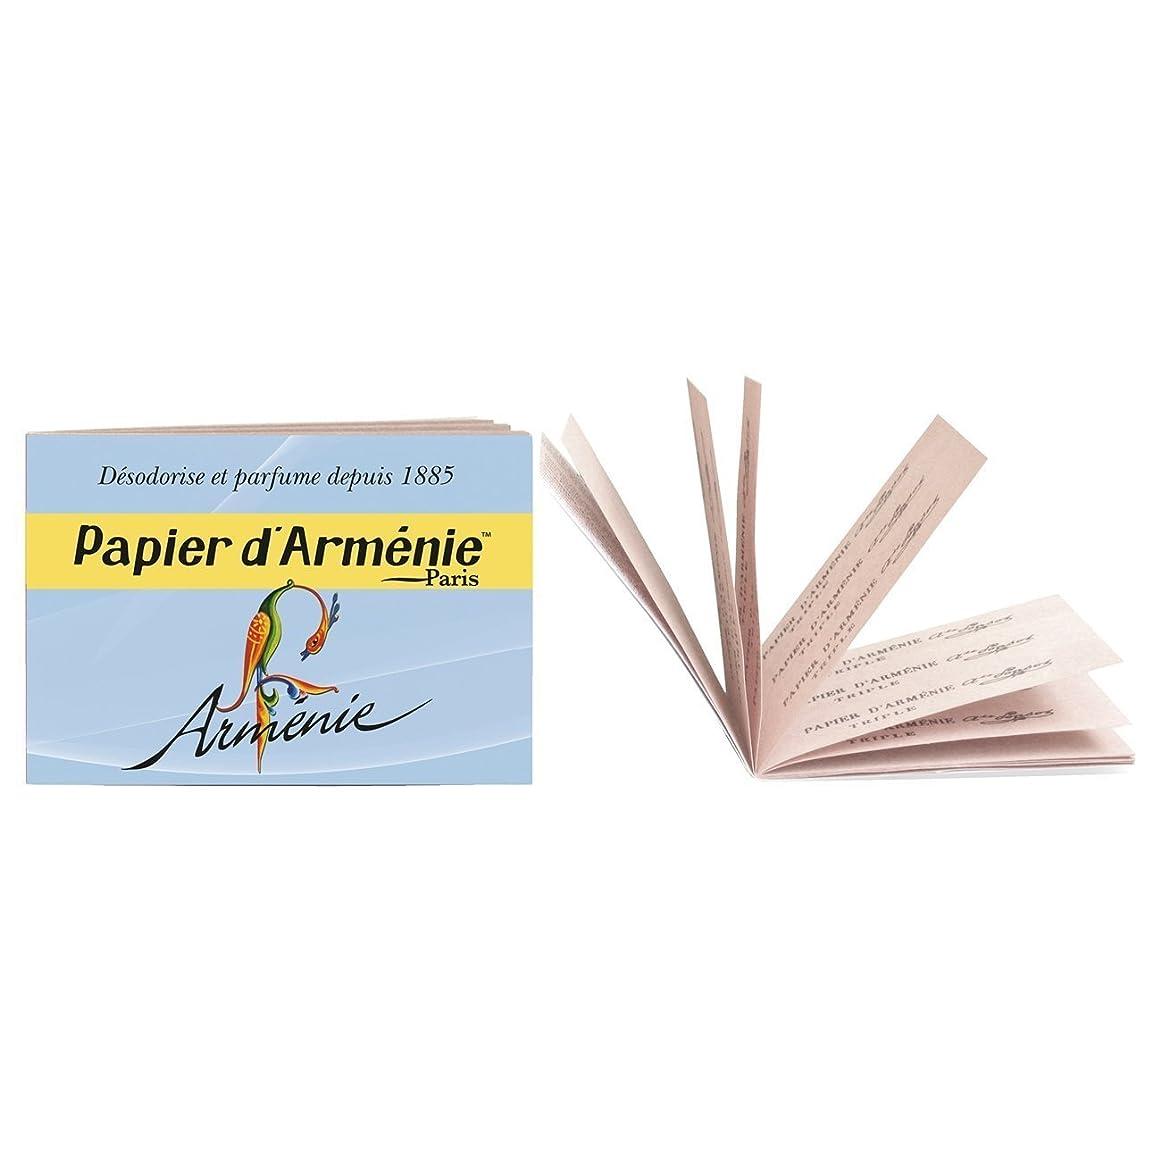 時間厳守二年生信頼性のあるPapier d'Arménie パピエダルメニイ アルメニイ 紙のお香 フランス直送 [並行輸入品]